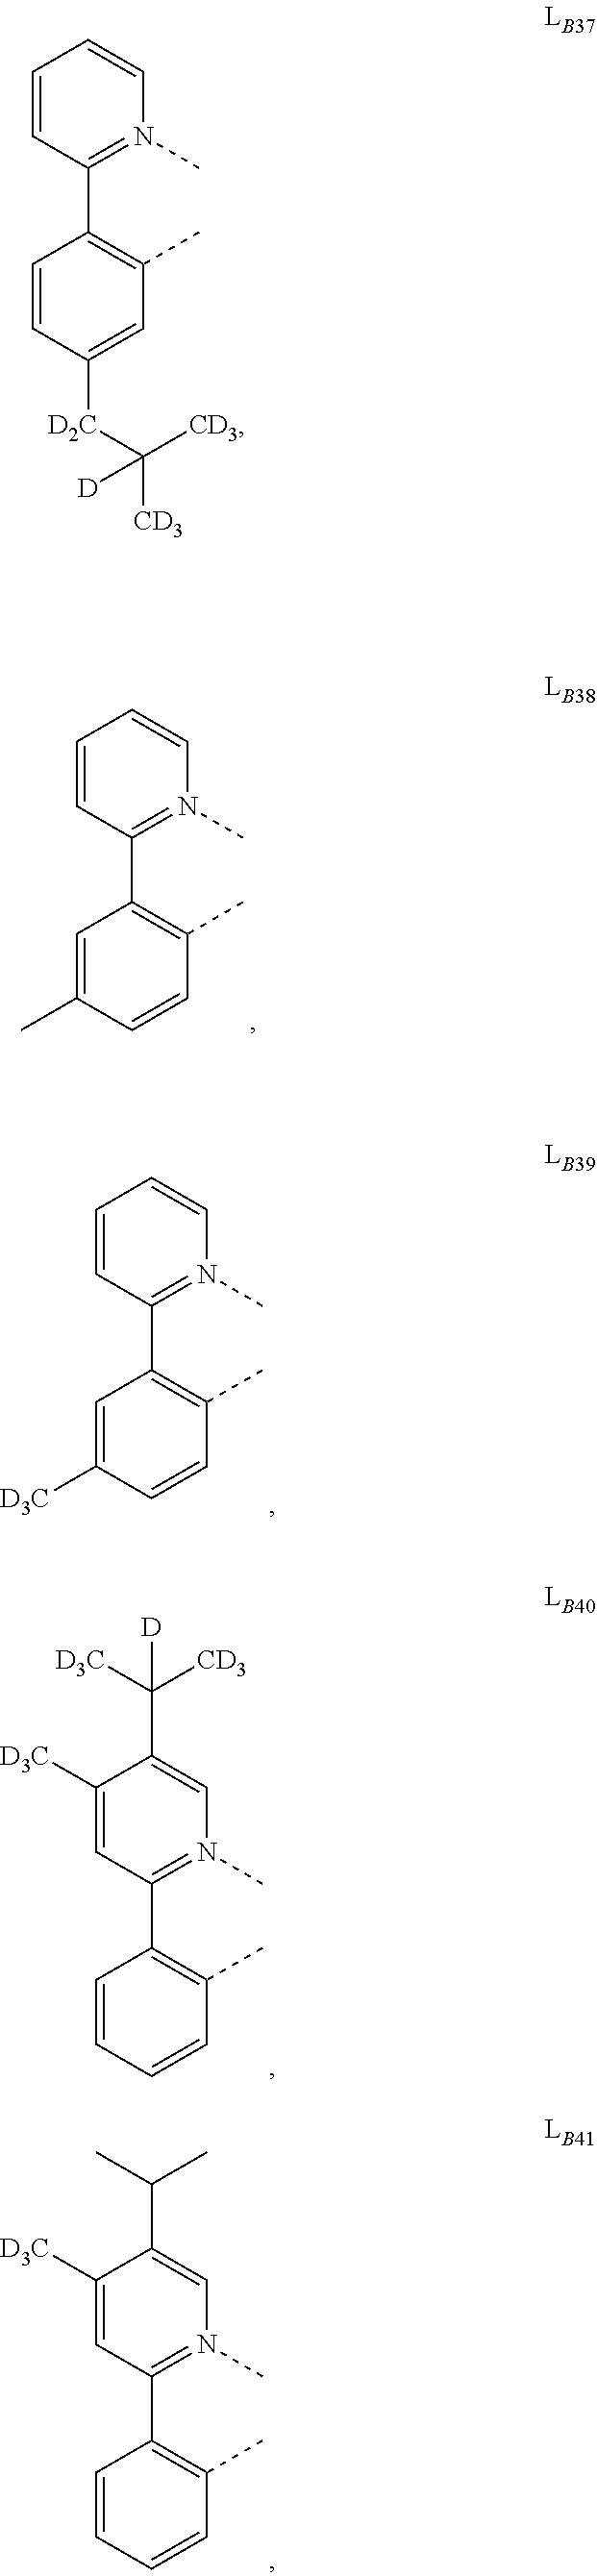 Figure US20160049599A1-20160218-C00503